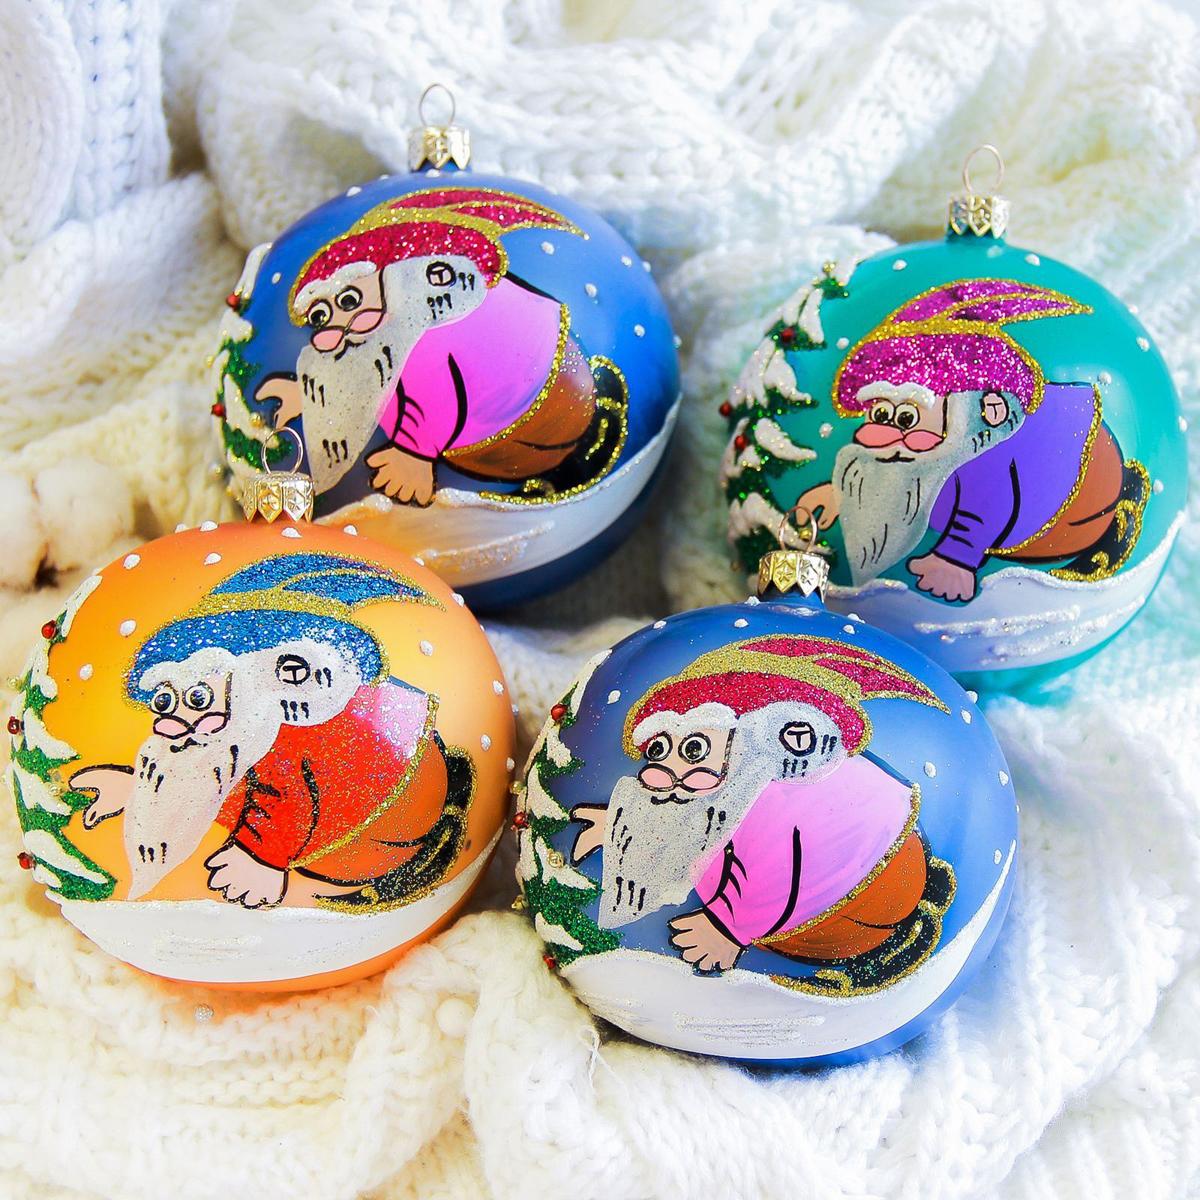 Украшение новогоднее елочное Иней Гном, диаметр 10 см2555472Невозможно представить нашу жизнь без праздников! Мы всегда ждём их и предвкушаем, обдумываем, как проведём памятный день, тщательно выбираем подарки и аксессуары, ведь именно они создают и поддерживают торжественный настрой.